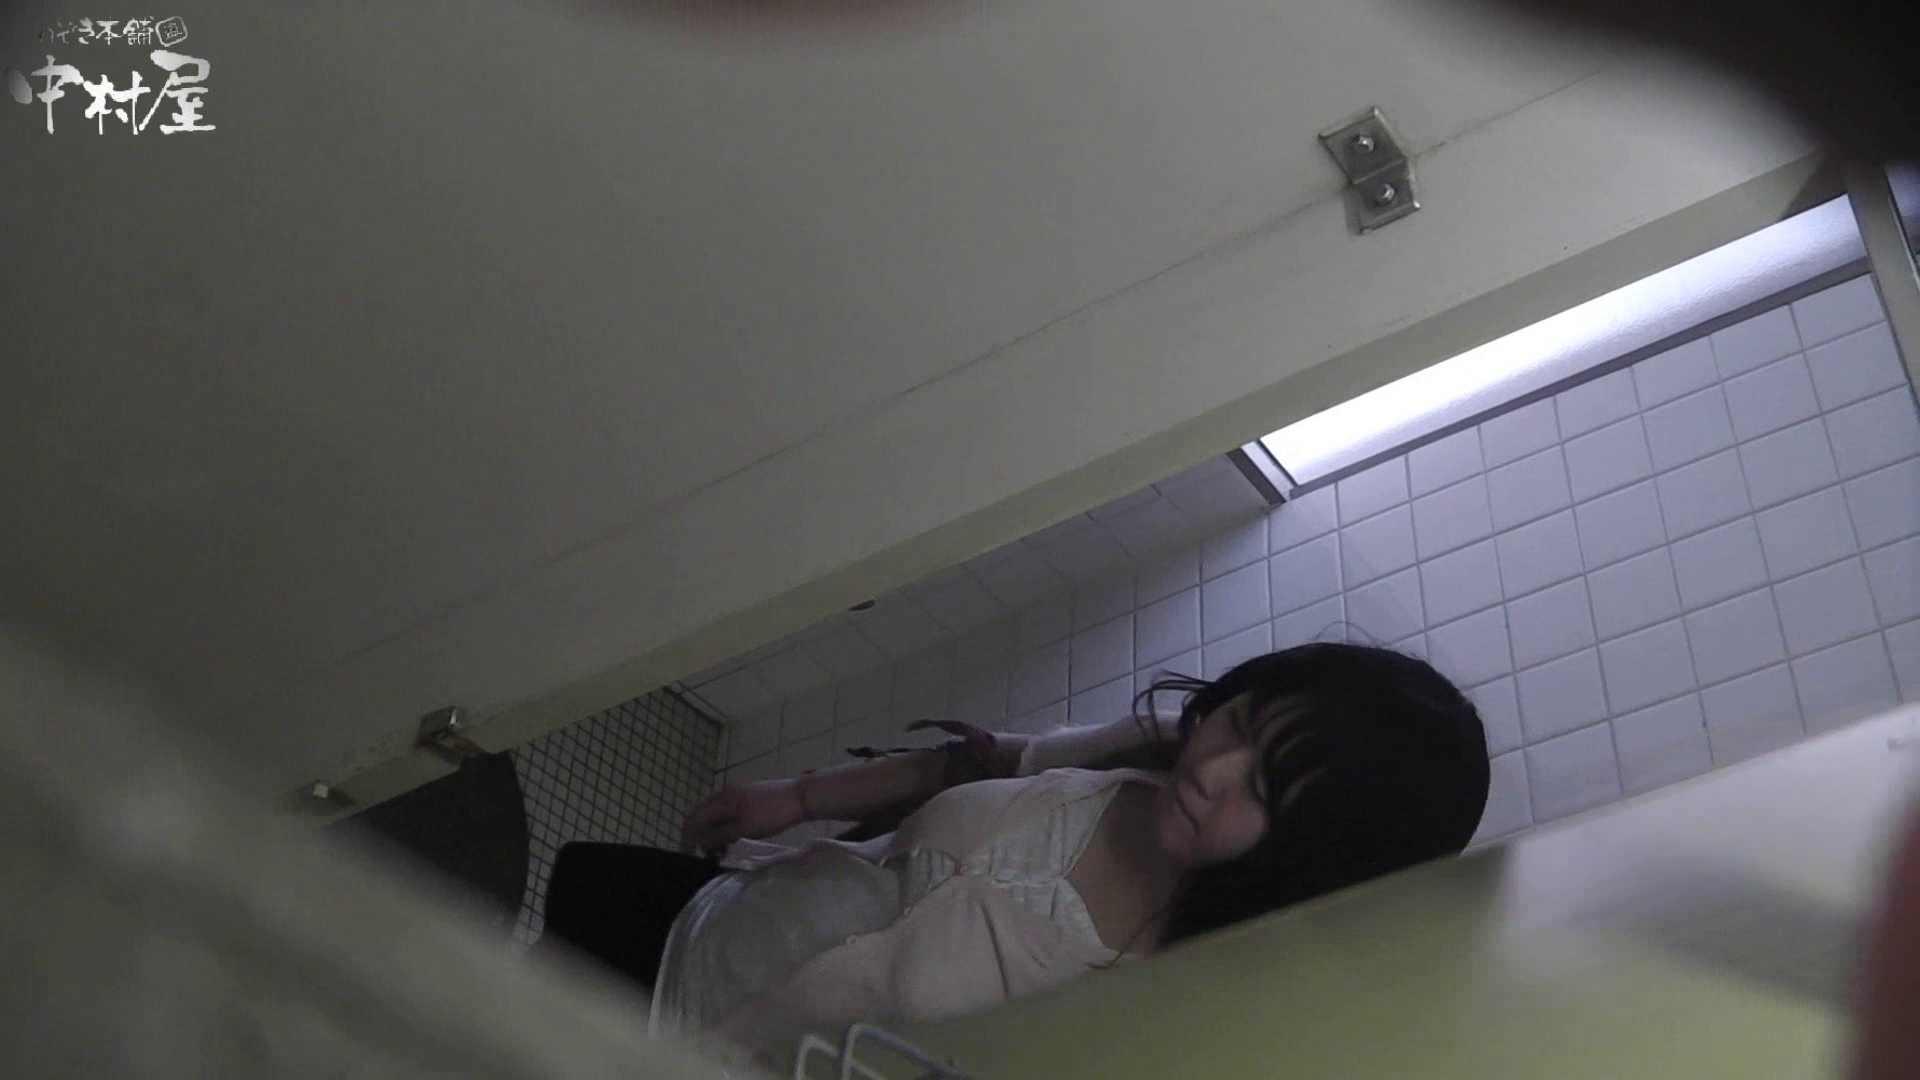 vol.45 命がけ潜伏洗面所! おしゃれおねぃさん、もよおすの巻 0  89pic 52